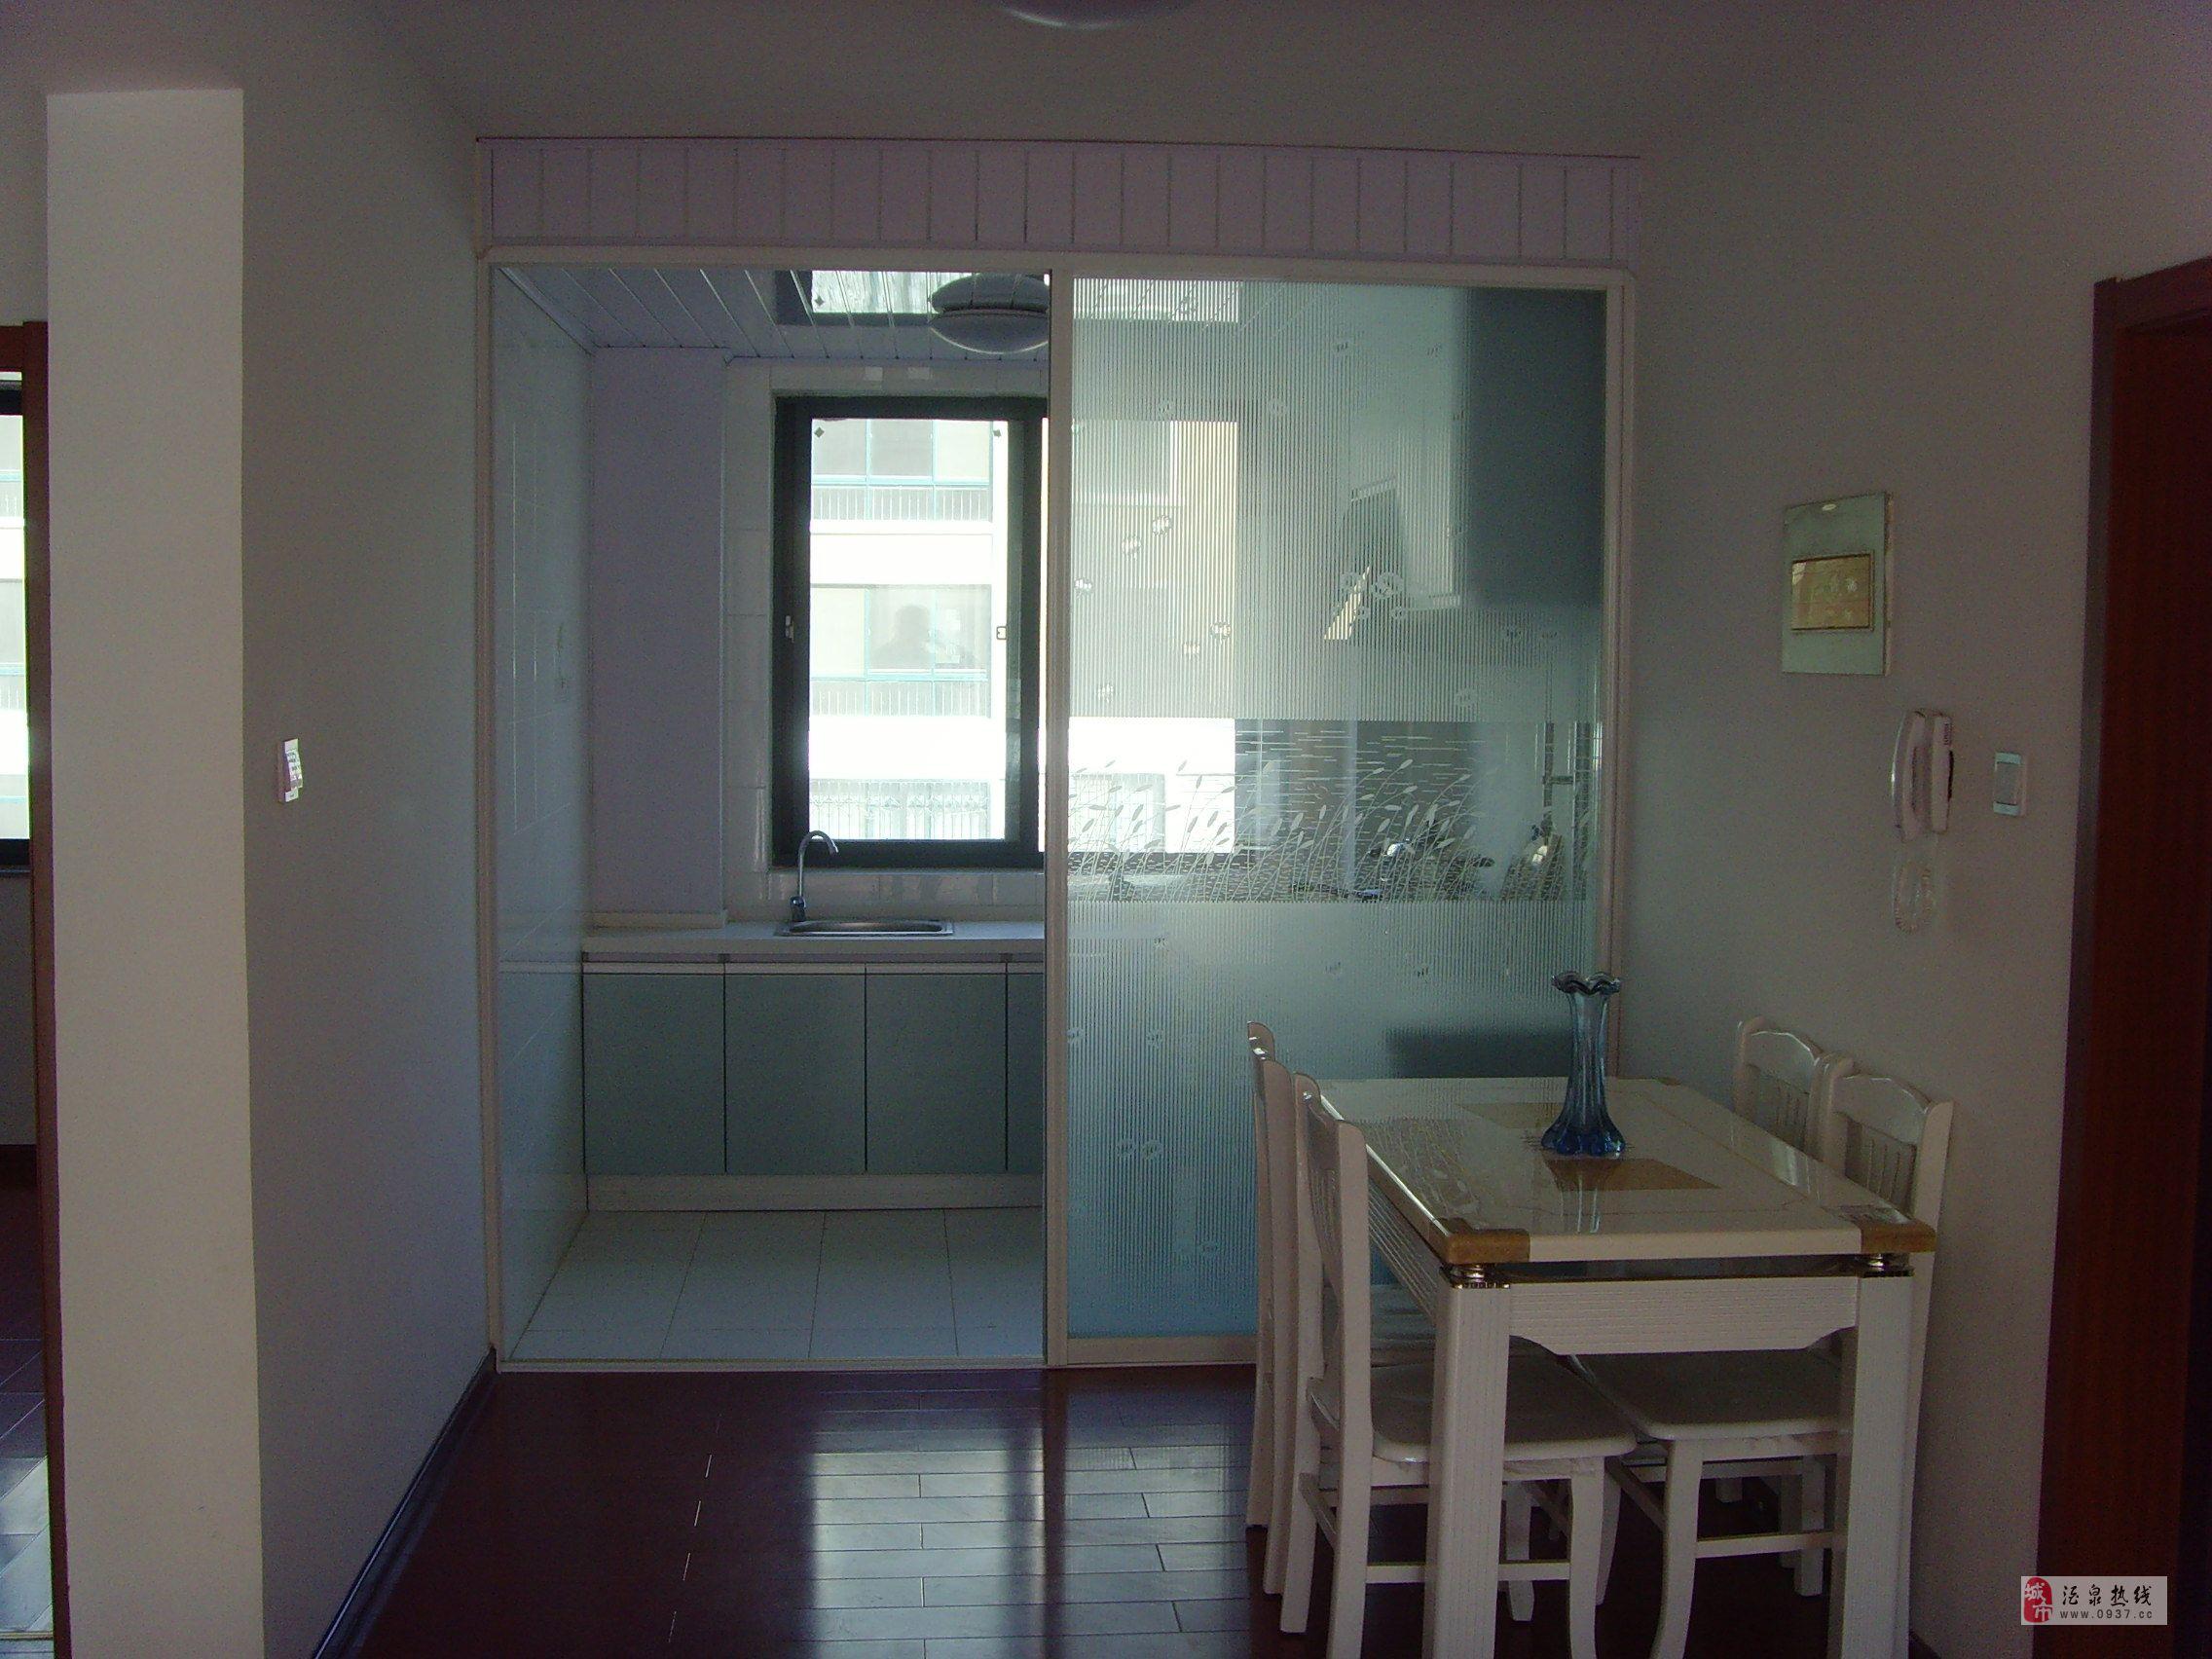 山東省乳山市銀灘旅游度假區海景房銷售